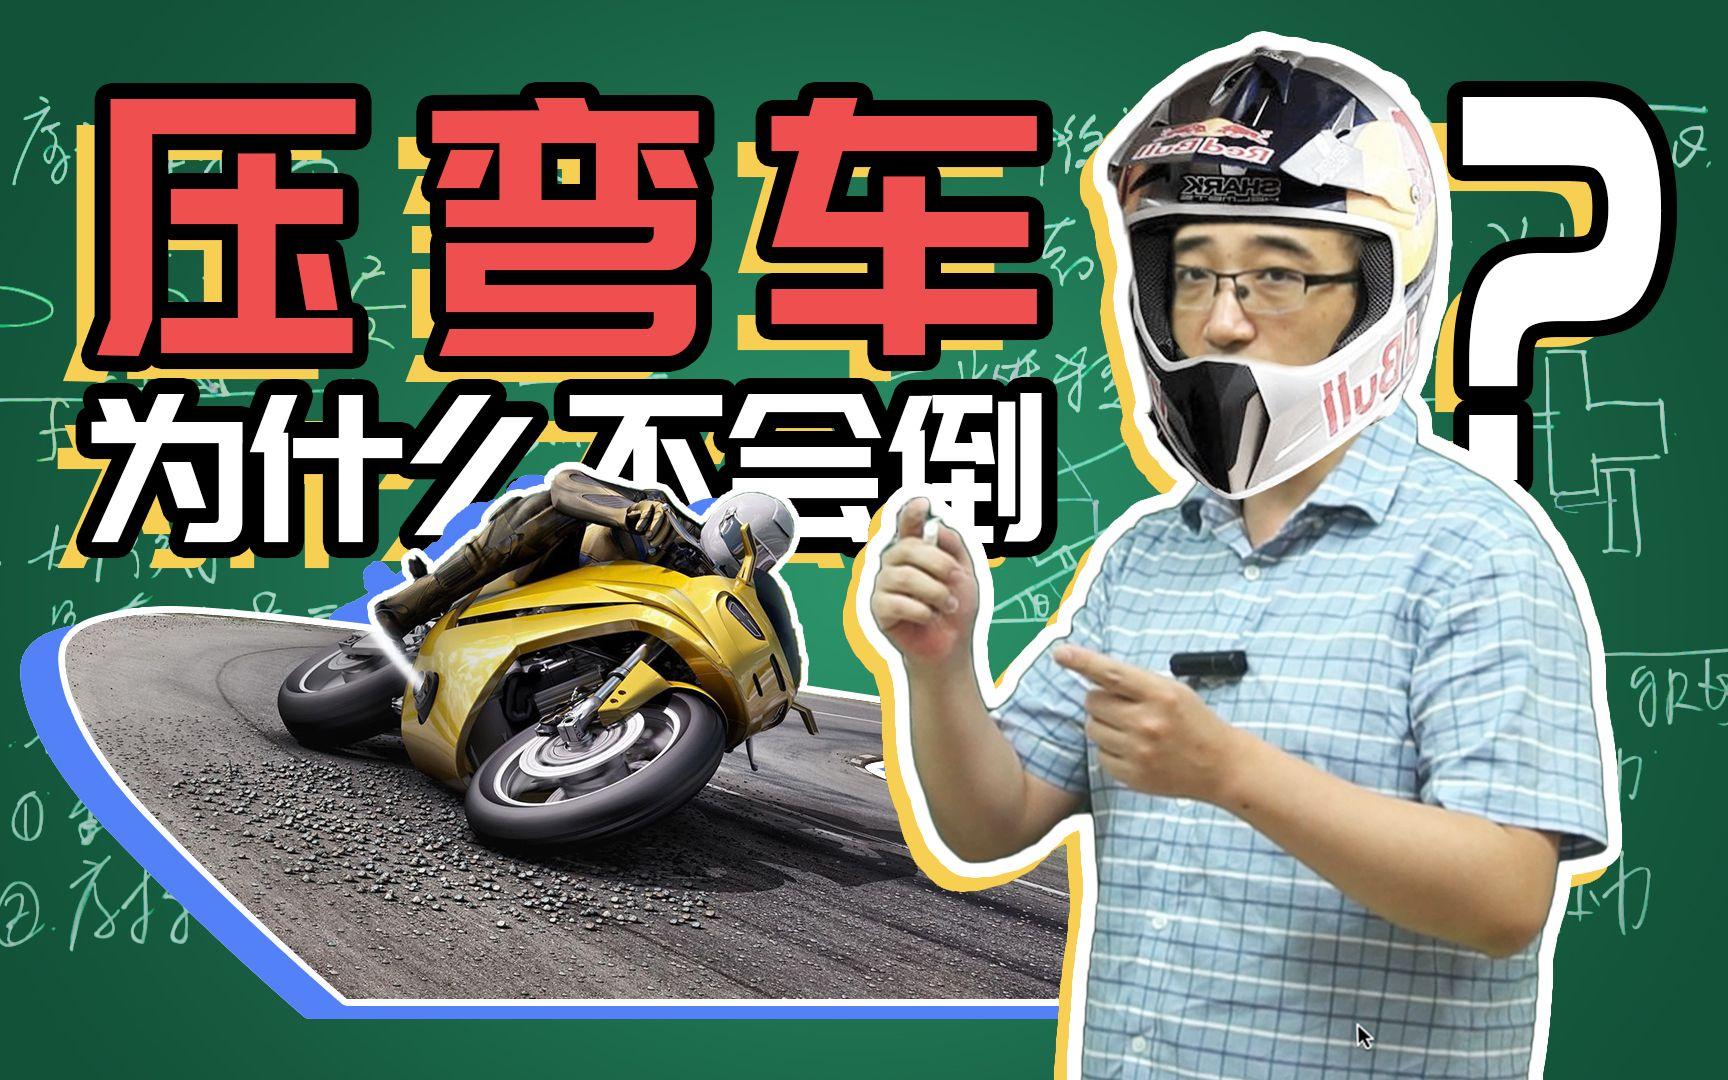 摩托车压弯为啥不会倒?火车转弯处铁轨为啥是斜的?李永乐老师讲力矩平衡